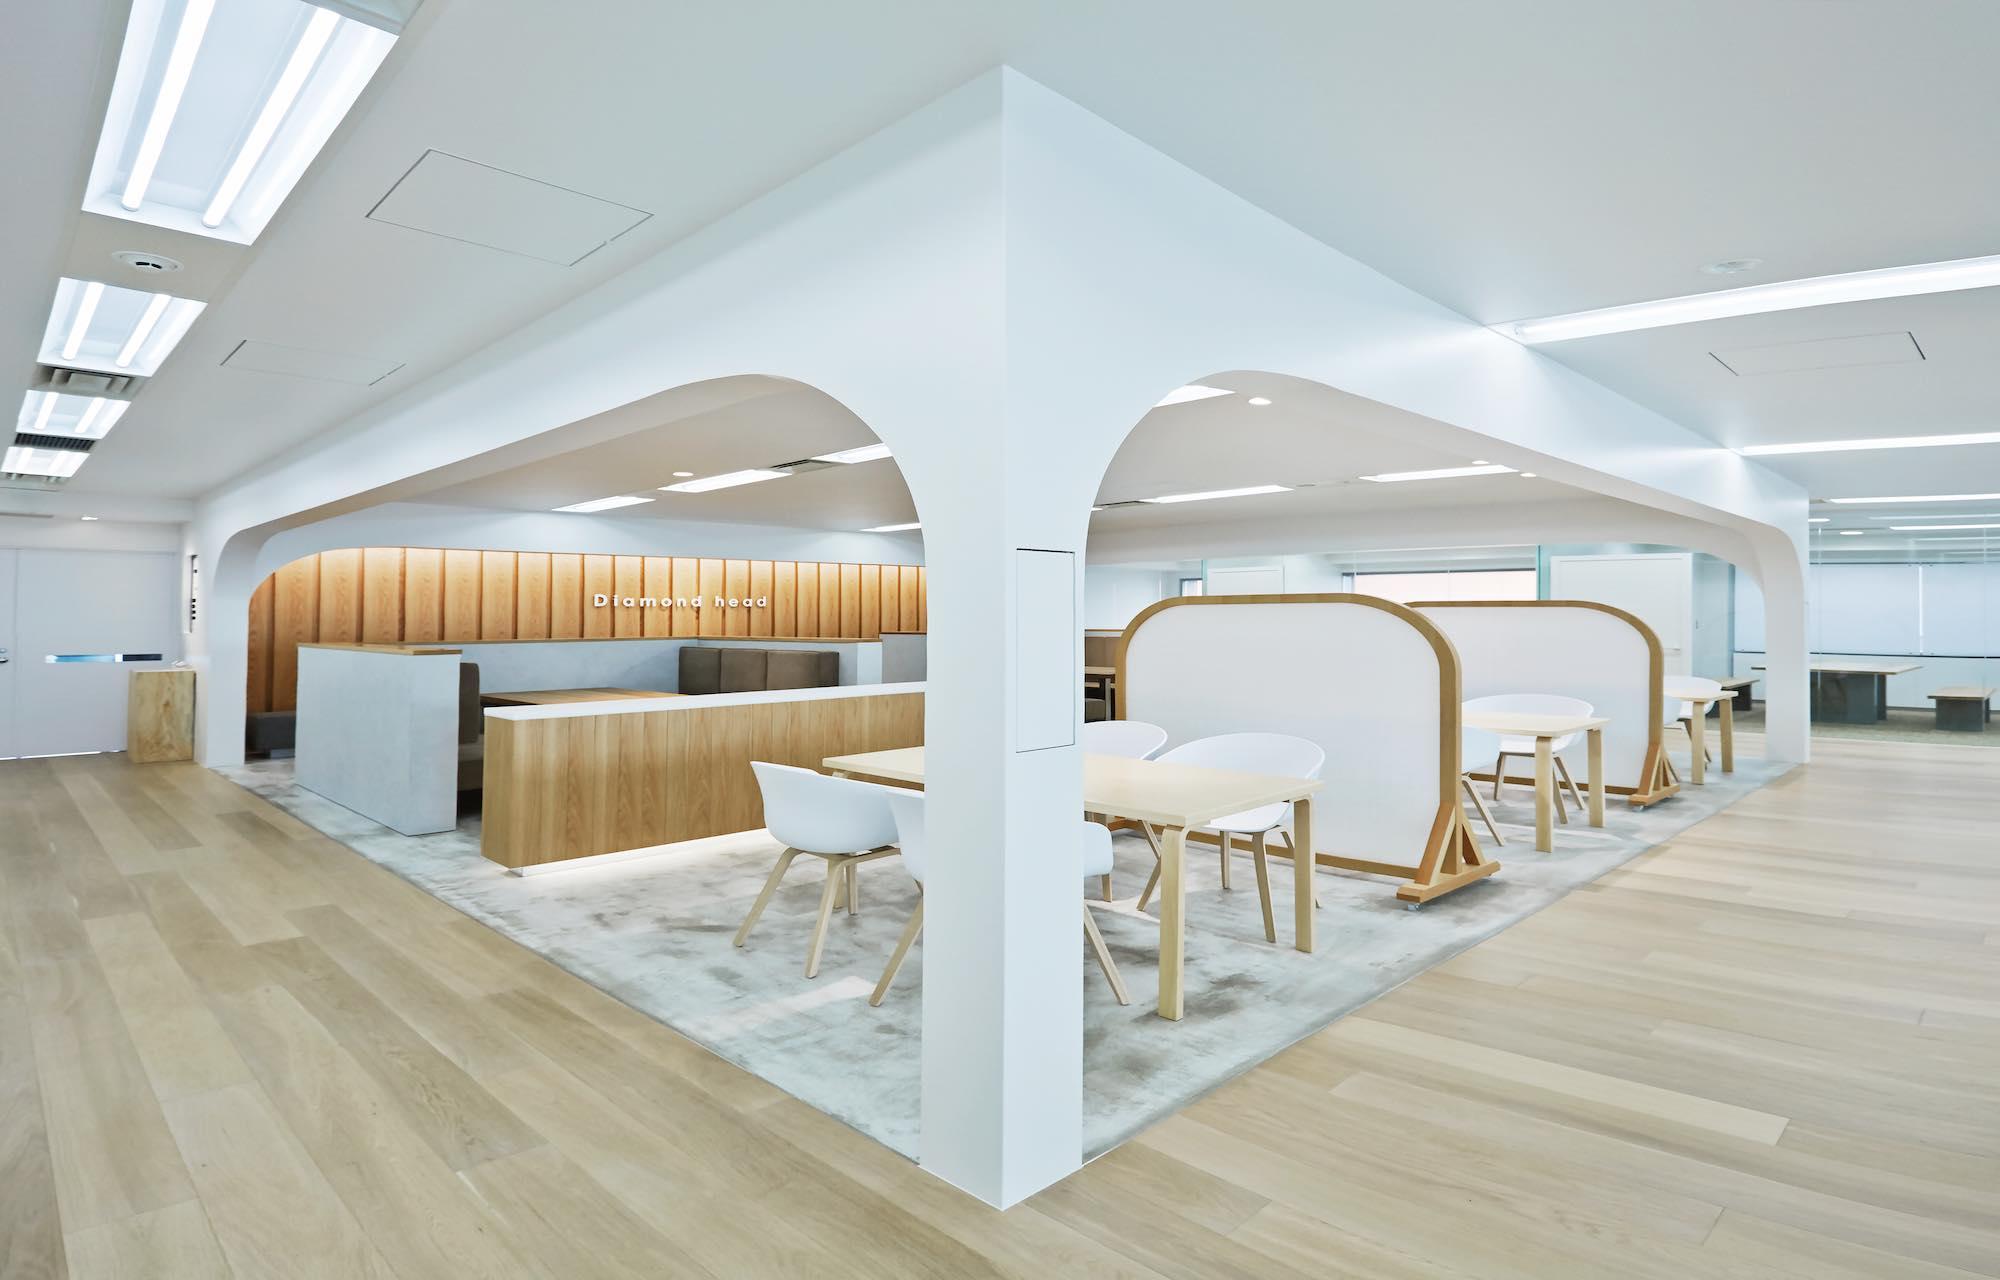 ダイアモンドヘッド株式会社 Tokyo Office Meeting Space デザイン・レイアウト事例